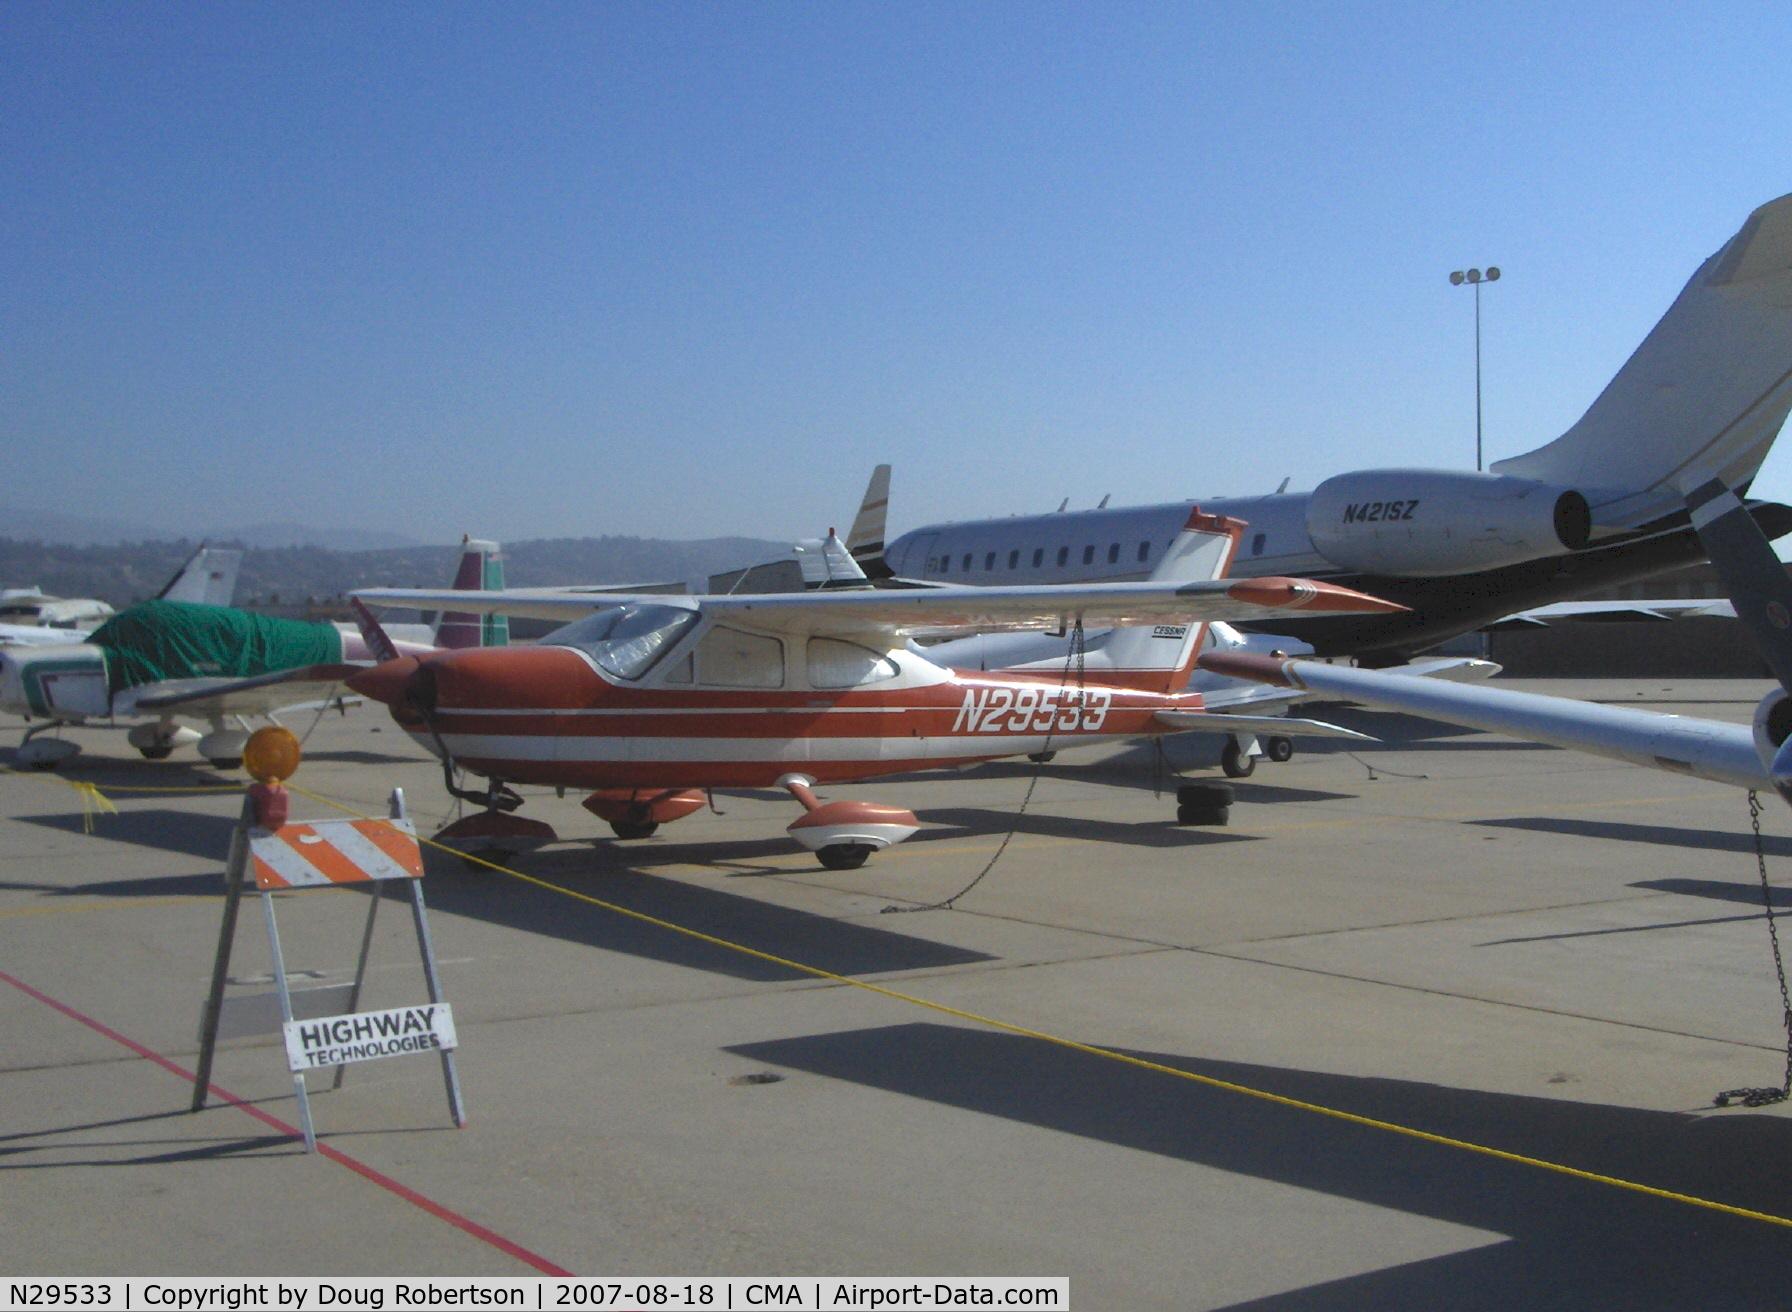 N29533, 1968 Cessna 177 Cardinal C/N 17700947, 1968 Cessna 177 CARDINAL, Lycoming O-320 150 Hp